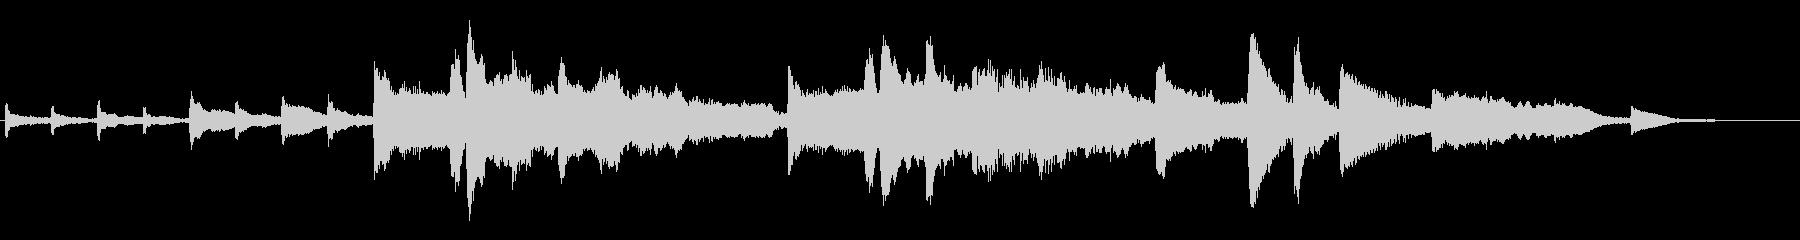 現代の交響曲 室内楽 劇的な ロマ...の未再生の波形